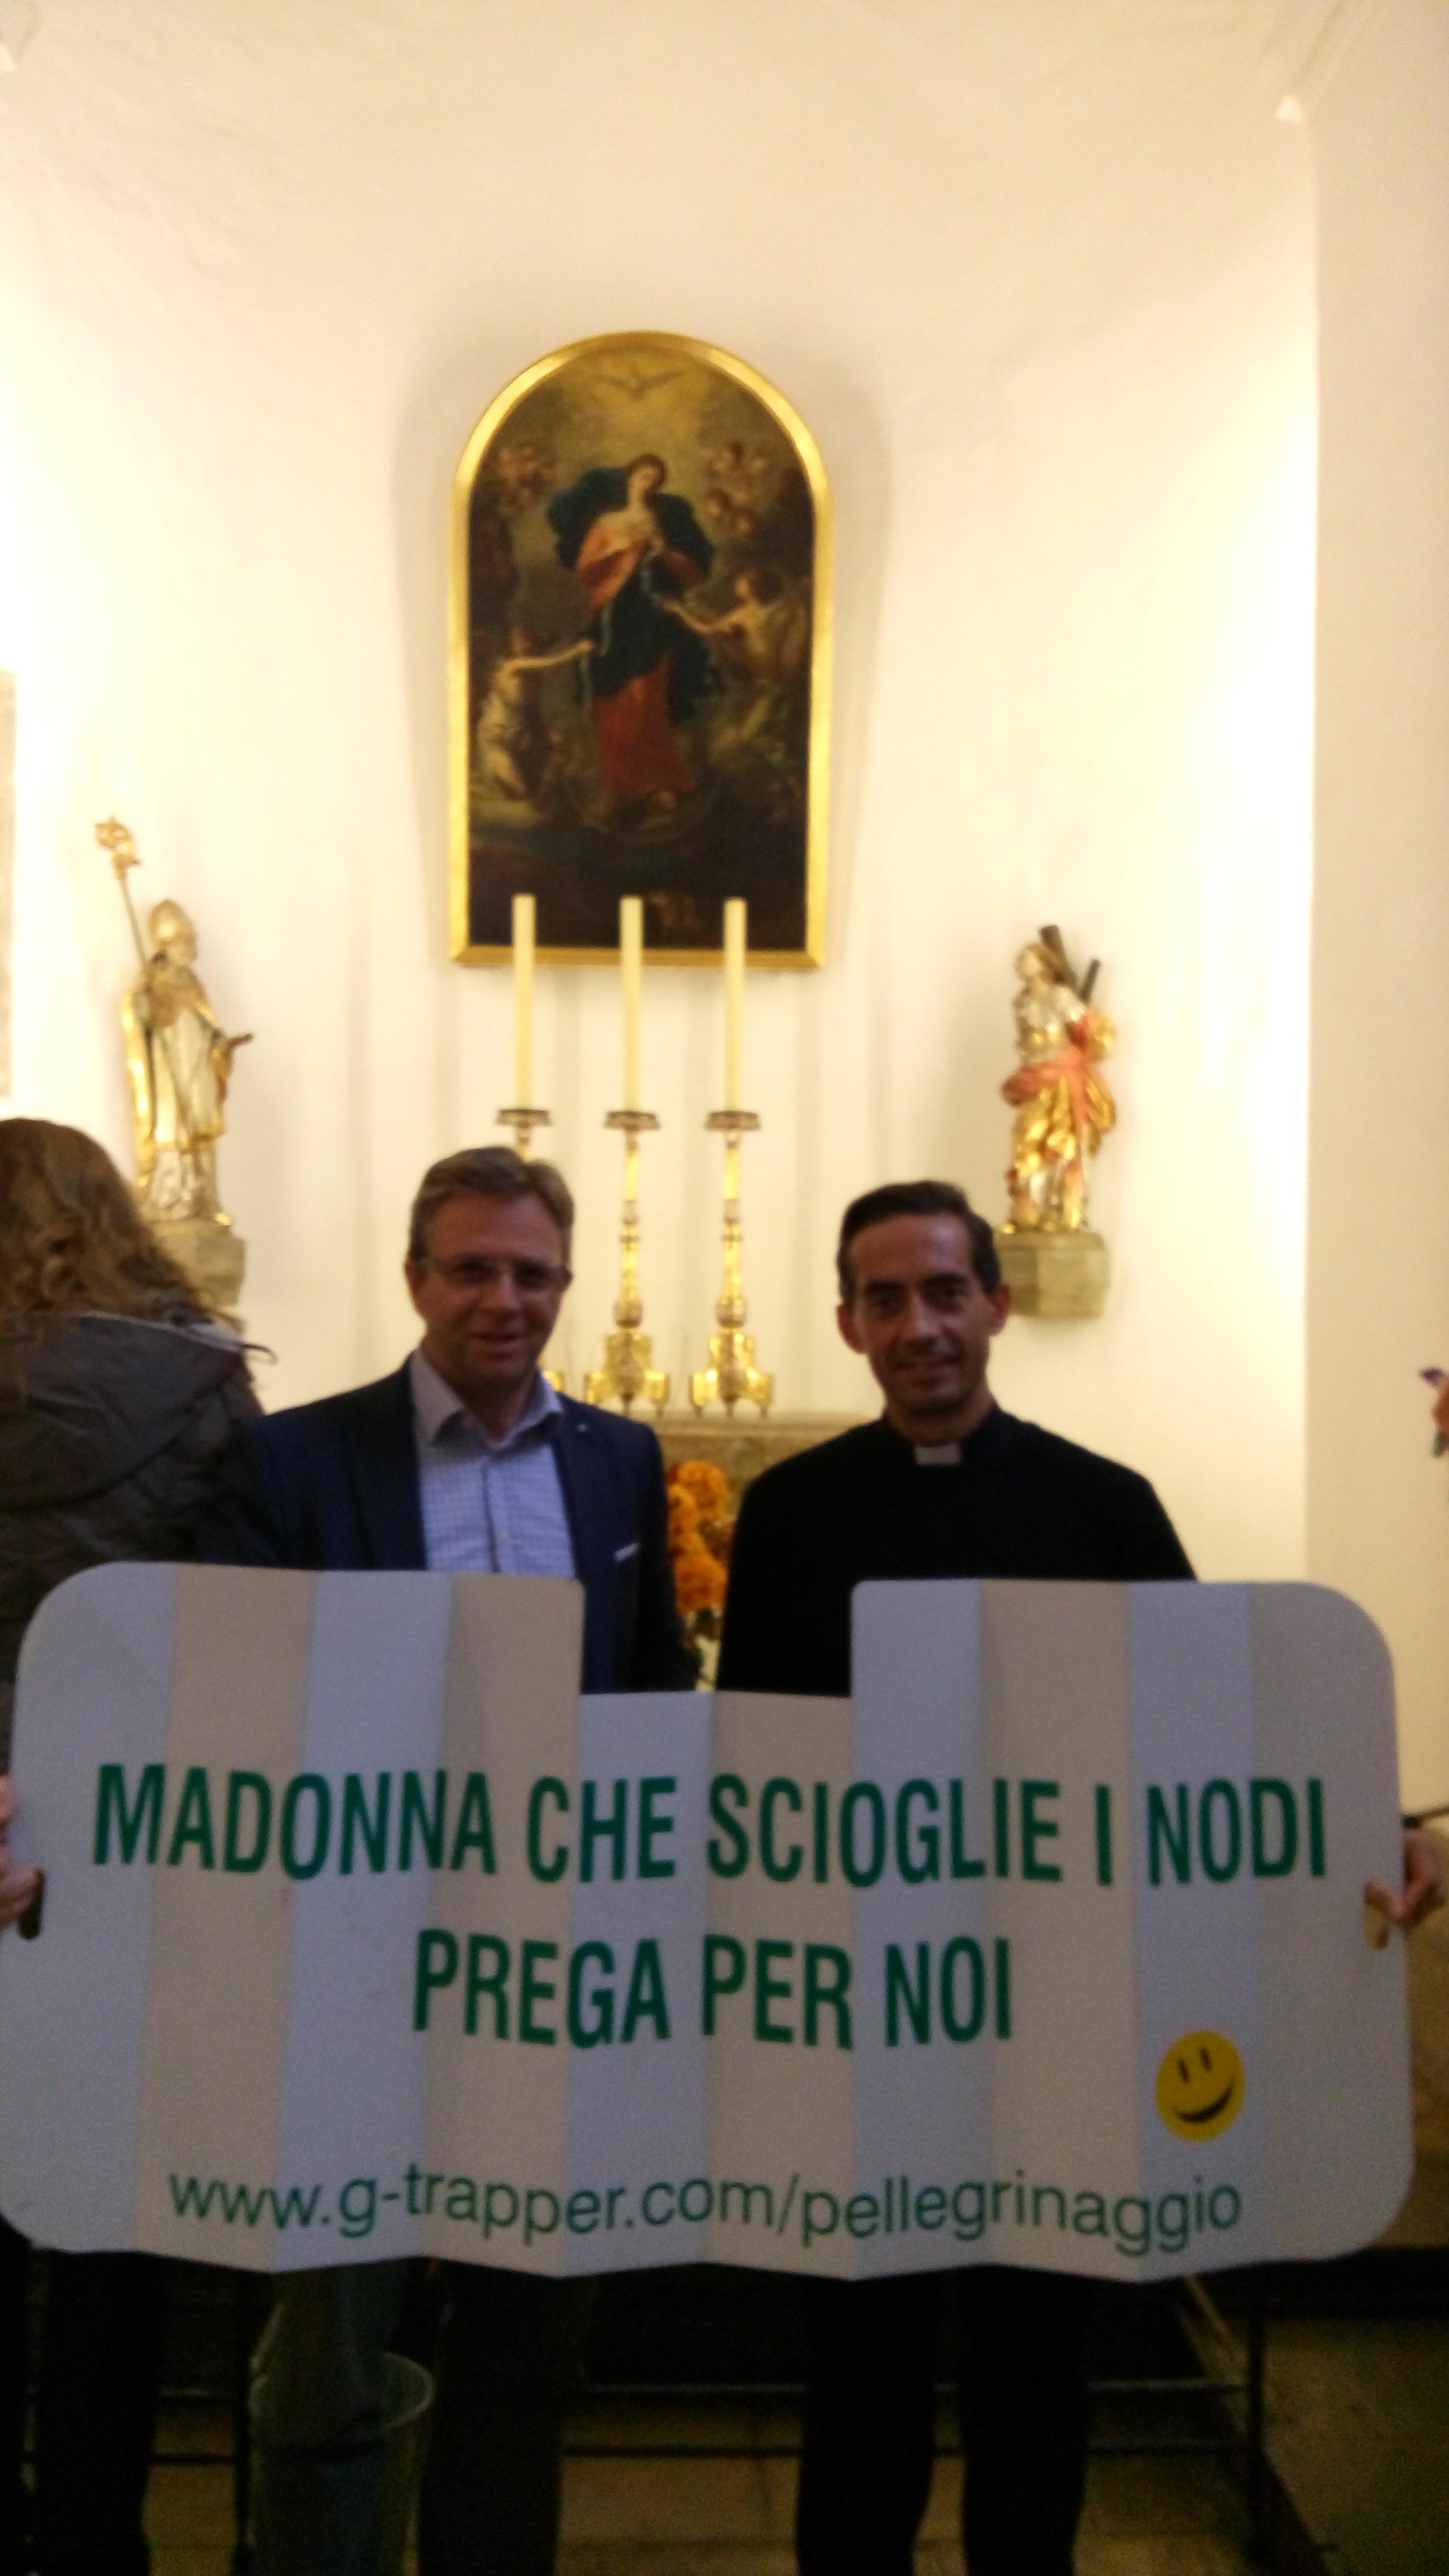 Madonna che scioglie i nodi pellegrinaggio viaggio Augsburg Augusta www.g-trapper.com